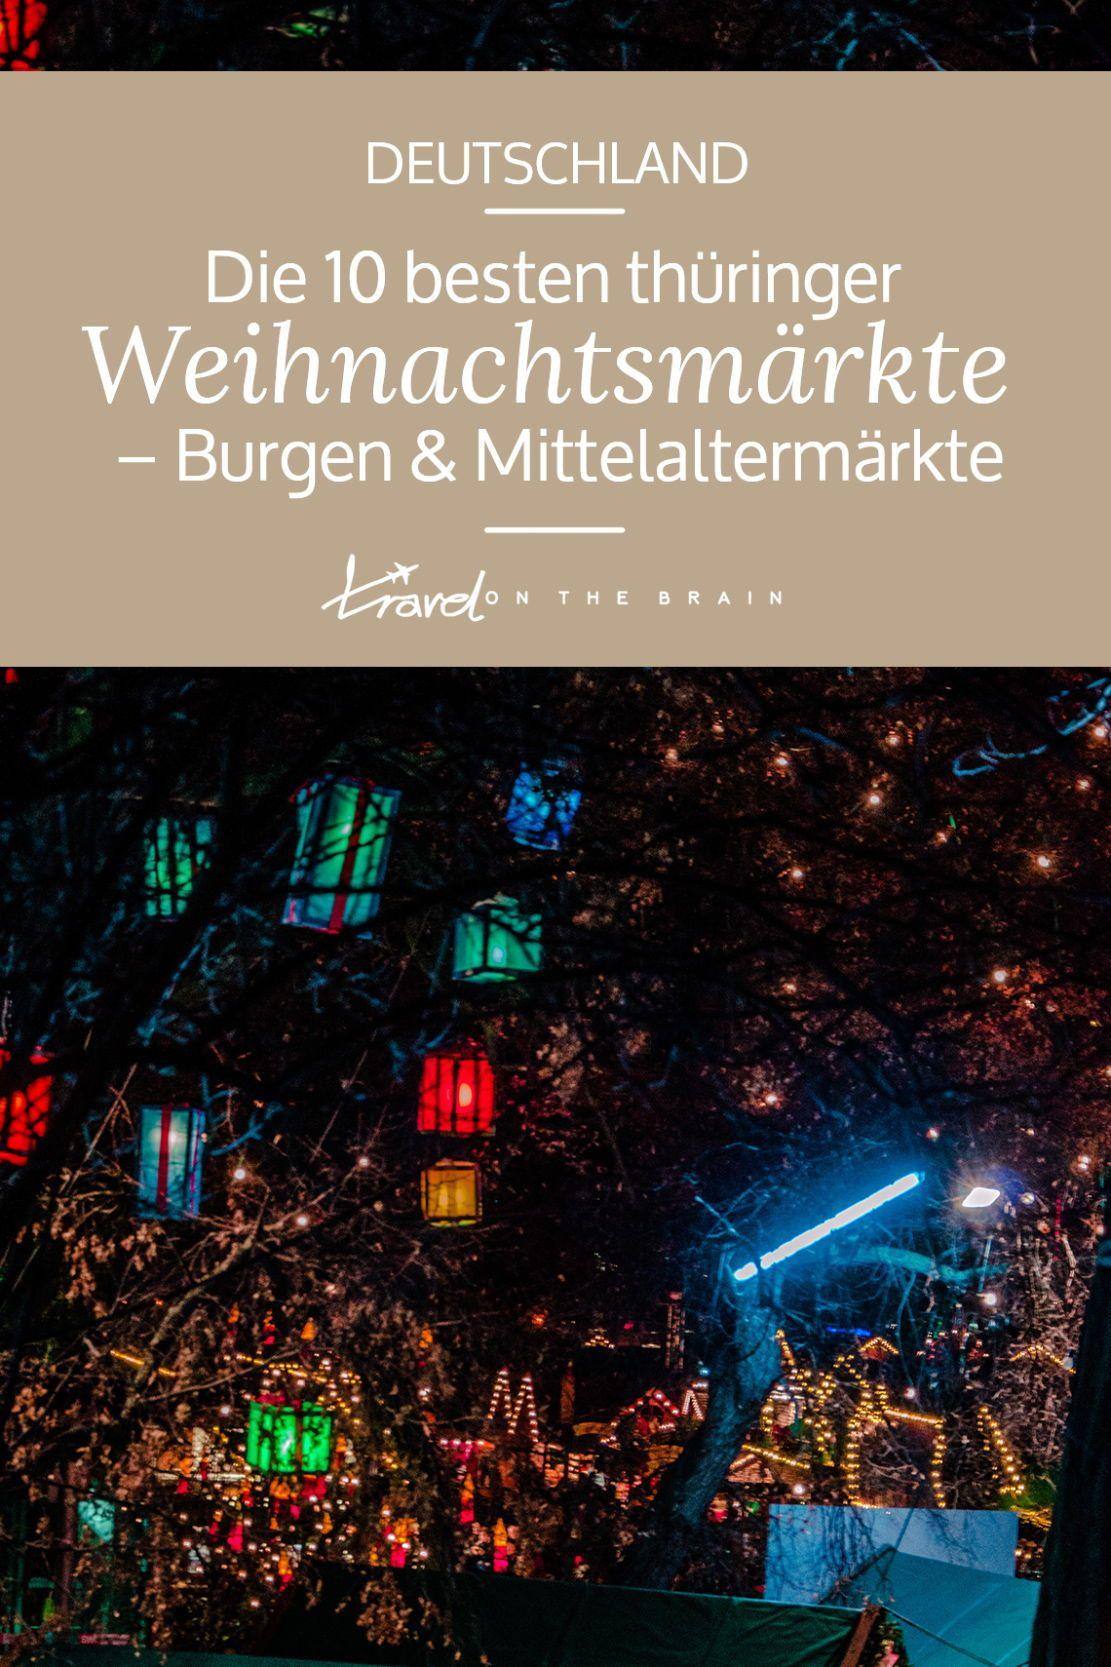 Weihnachten 2019 Thüringen.Die 10 Besten Thüringer Weihnachtsmärkte Auf Burgen